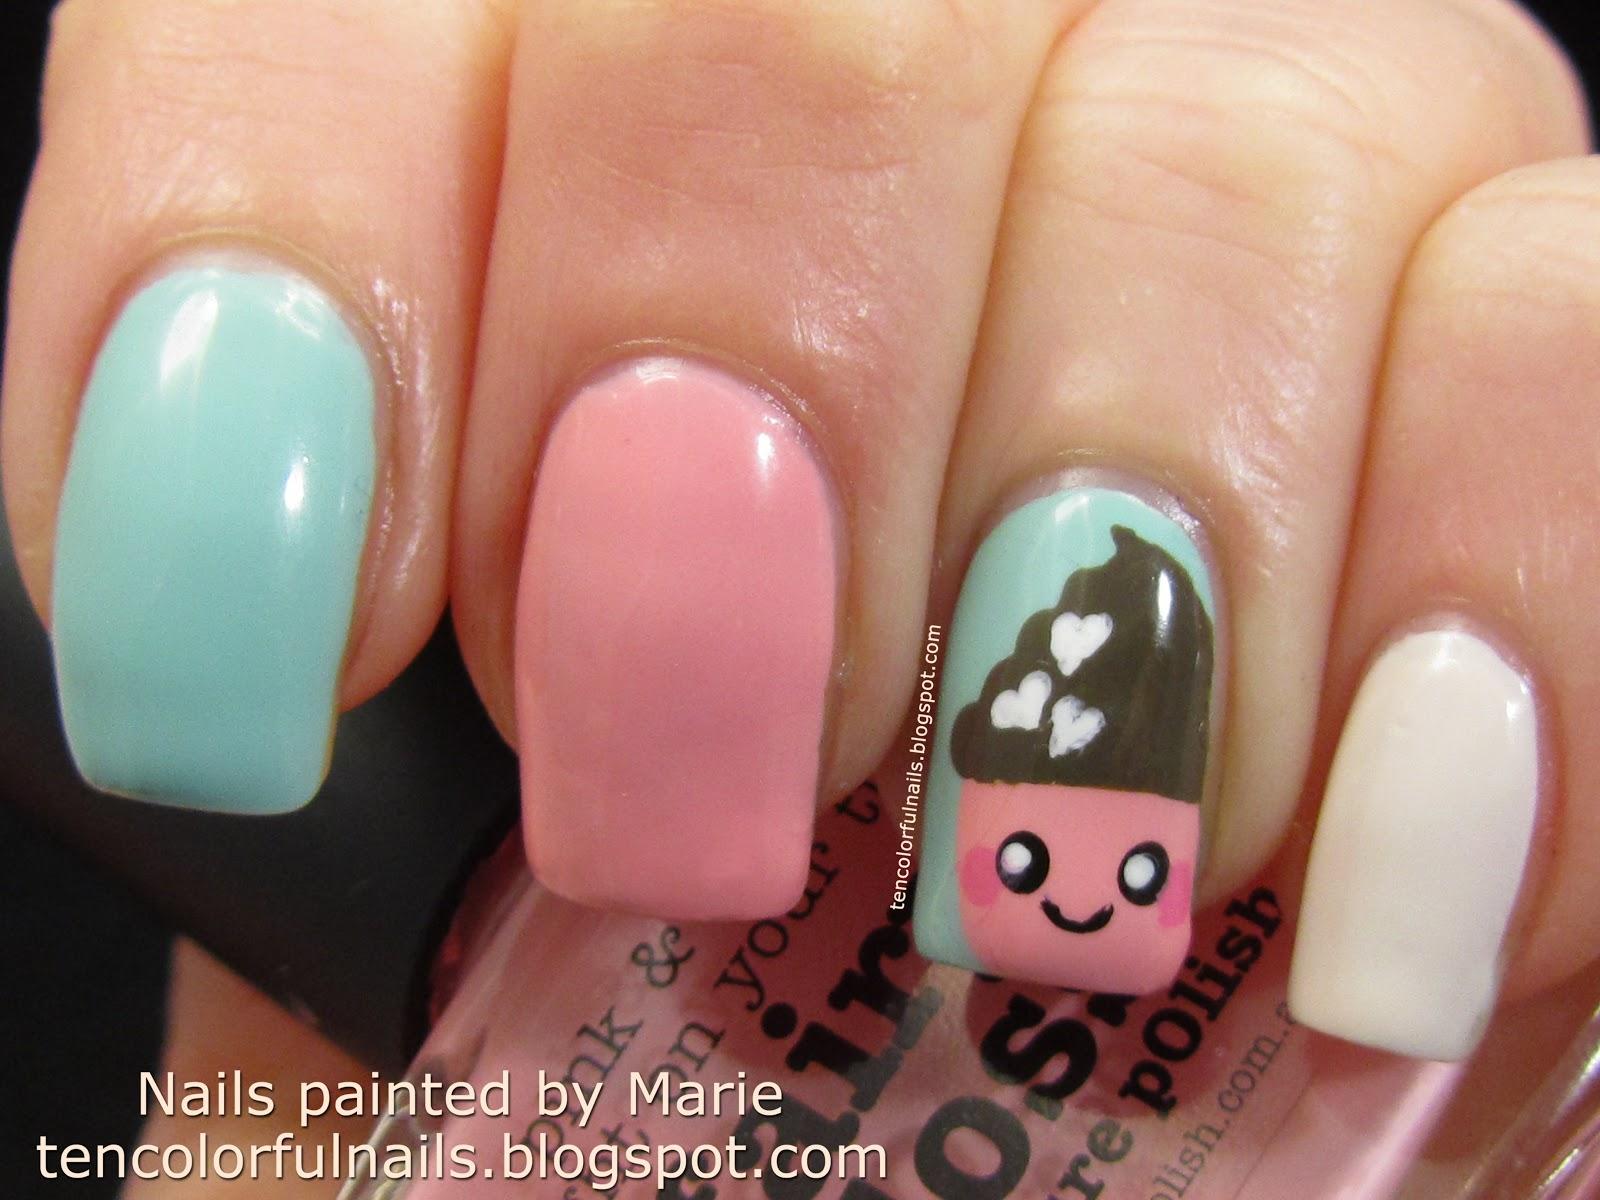 Ten Colorful Nails Kawaii Cupcake Nail Art Tutorial